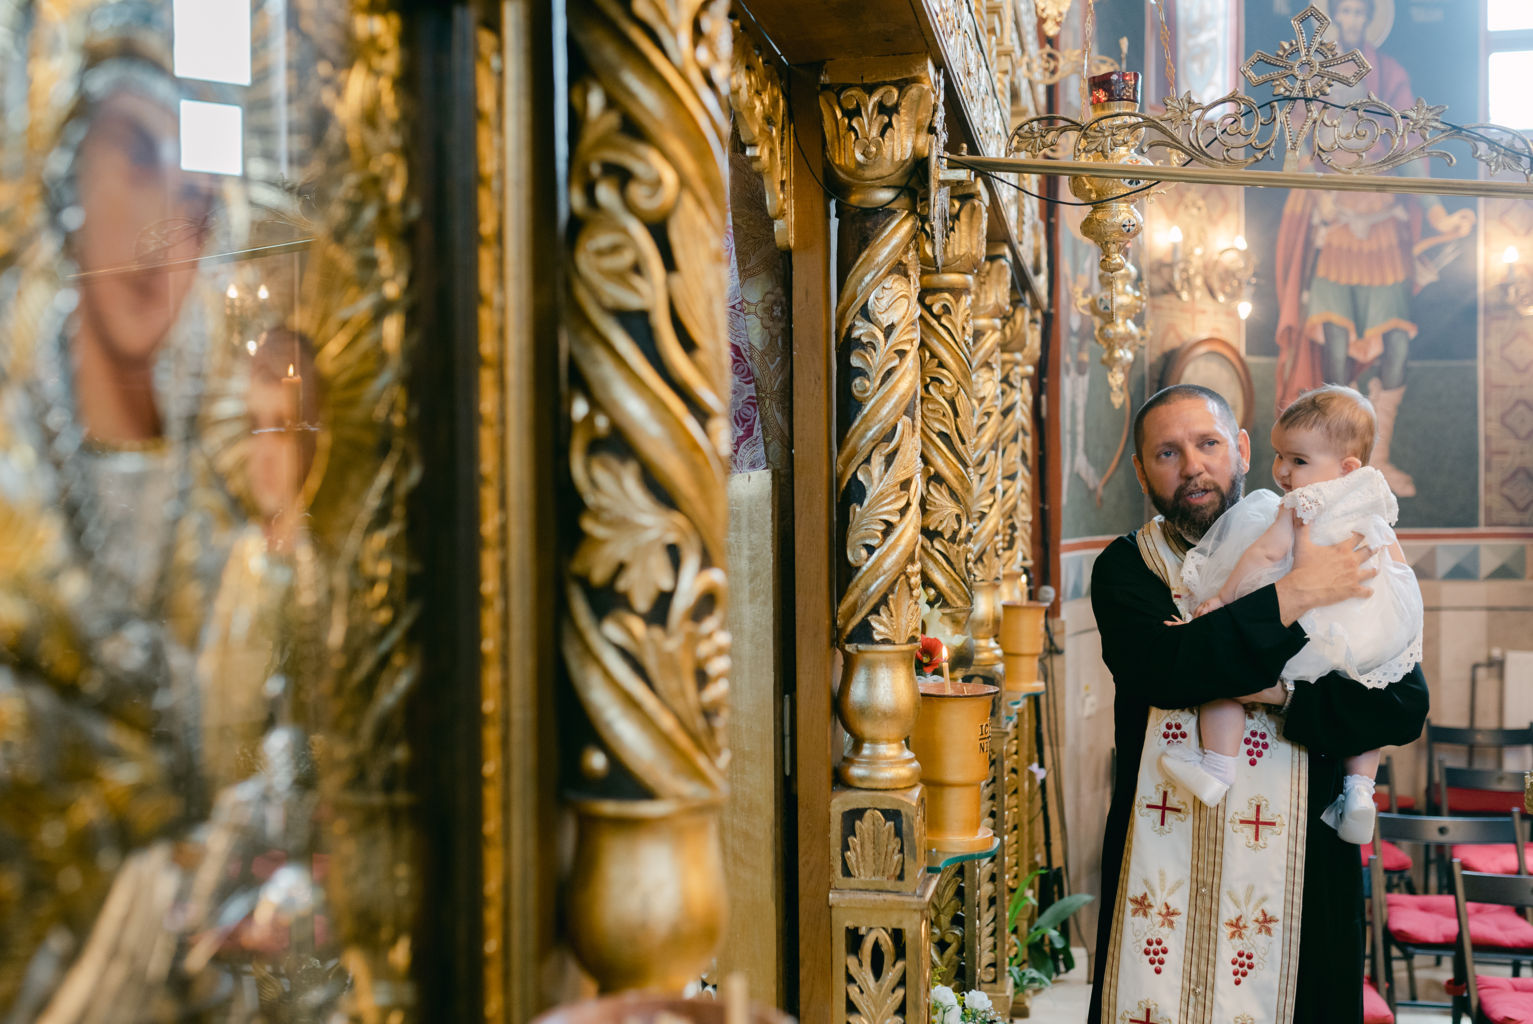 fotografii biserica antonie maicaneasa